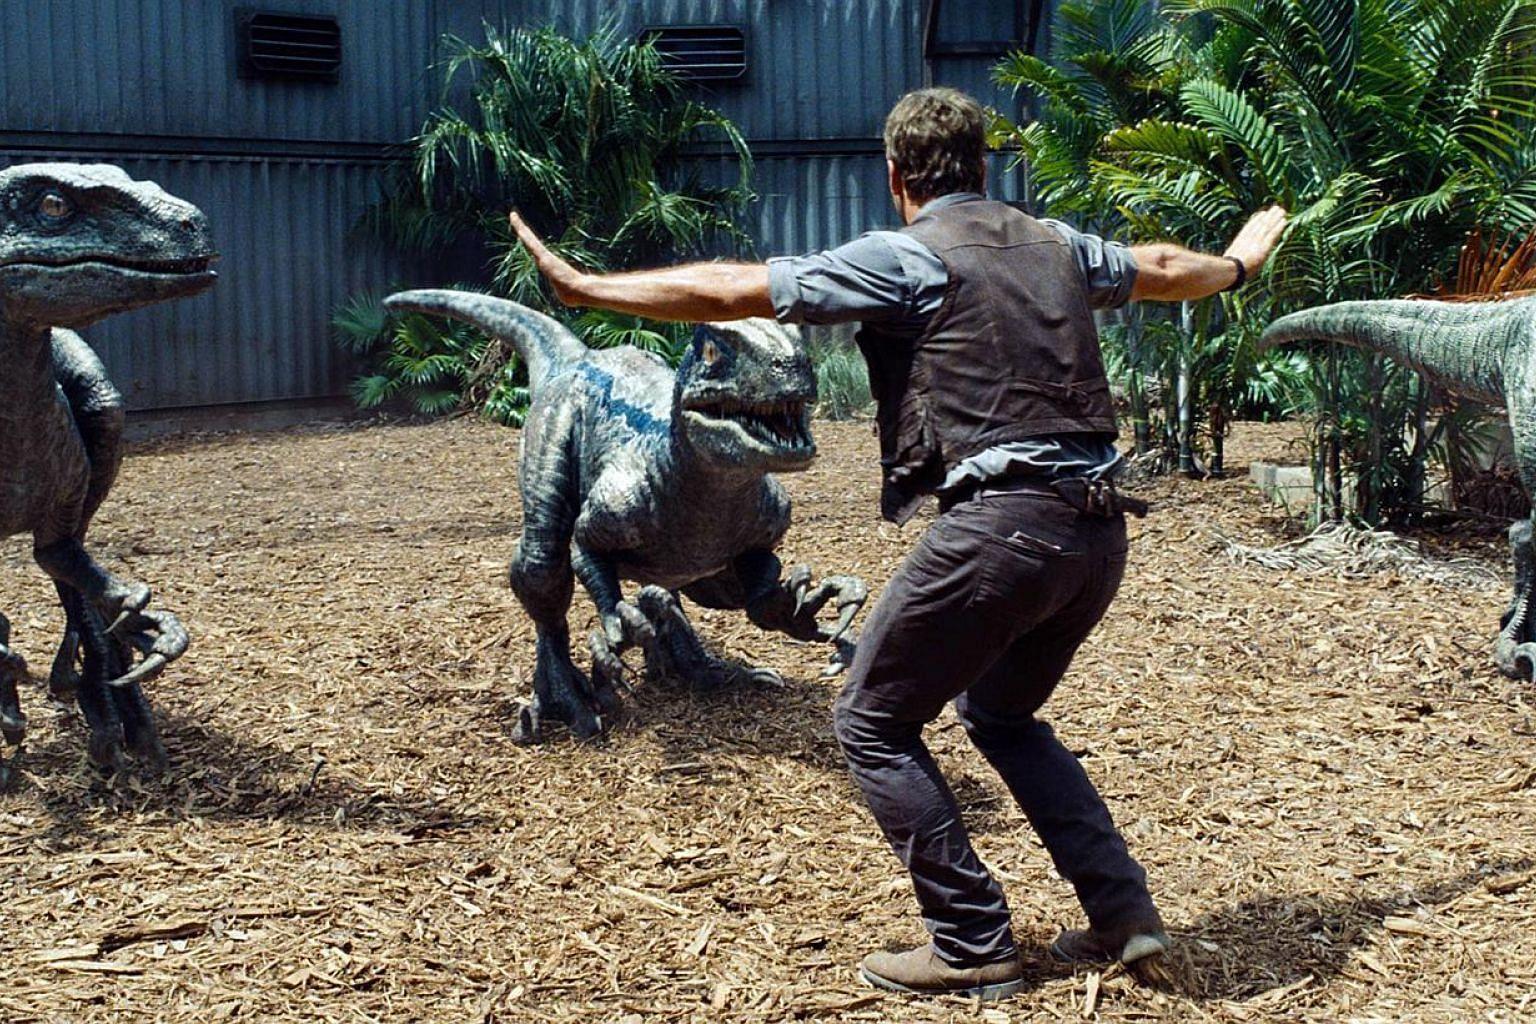 Things go awry in the dinosaur theme park.